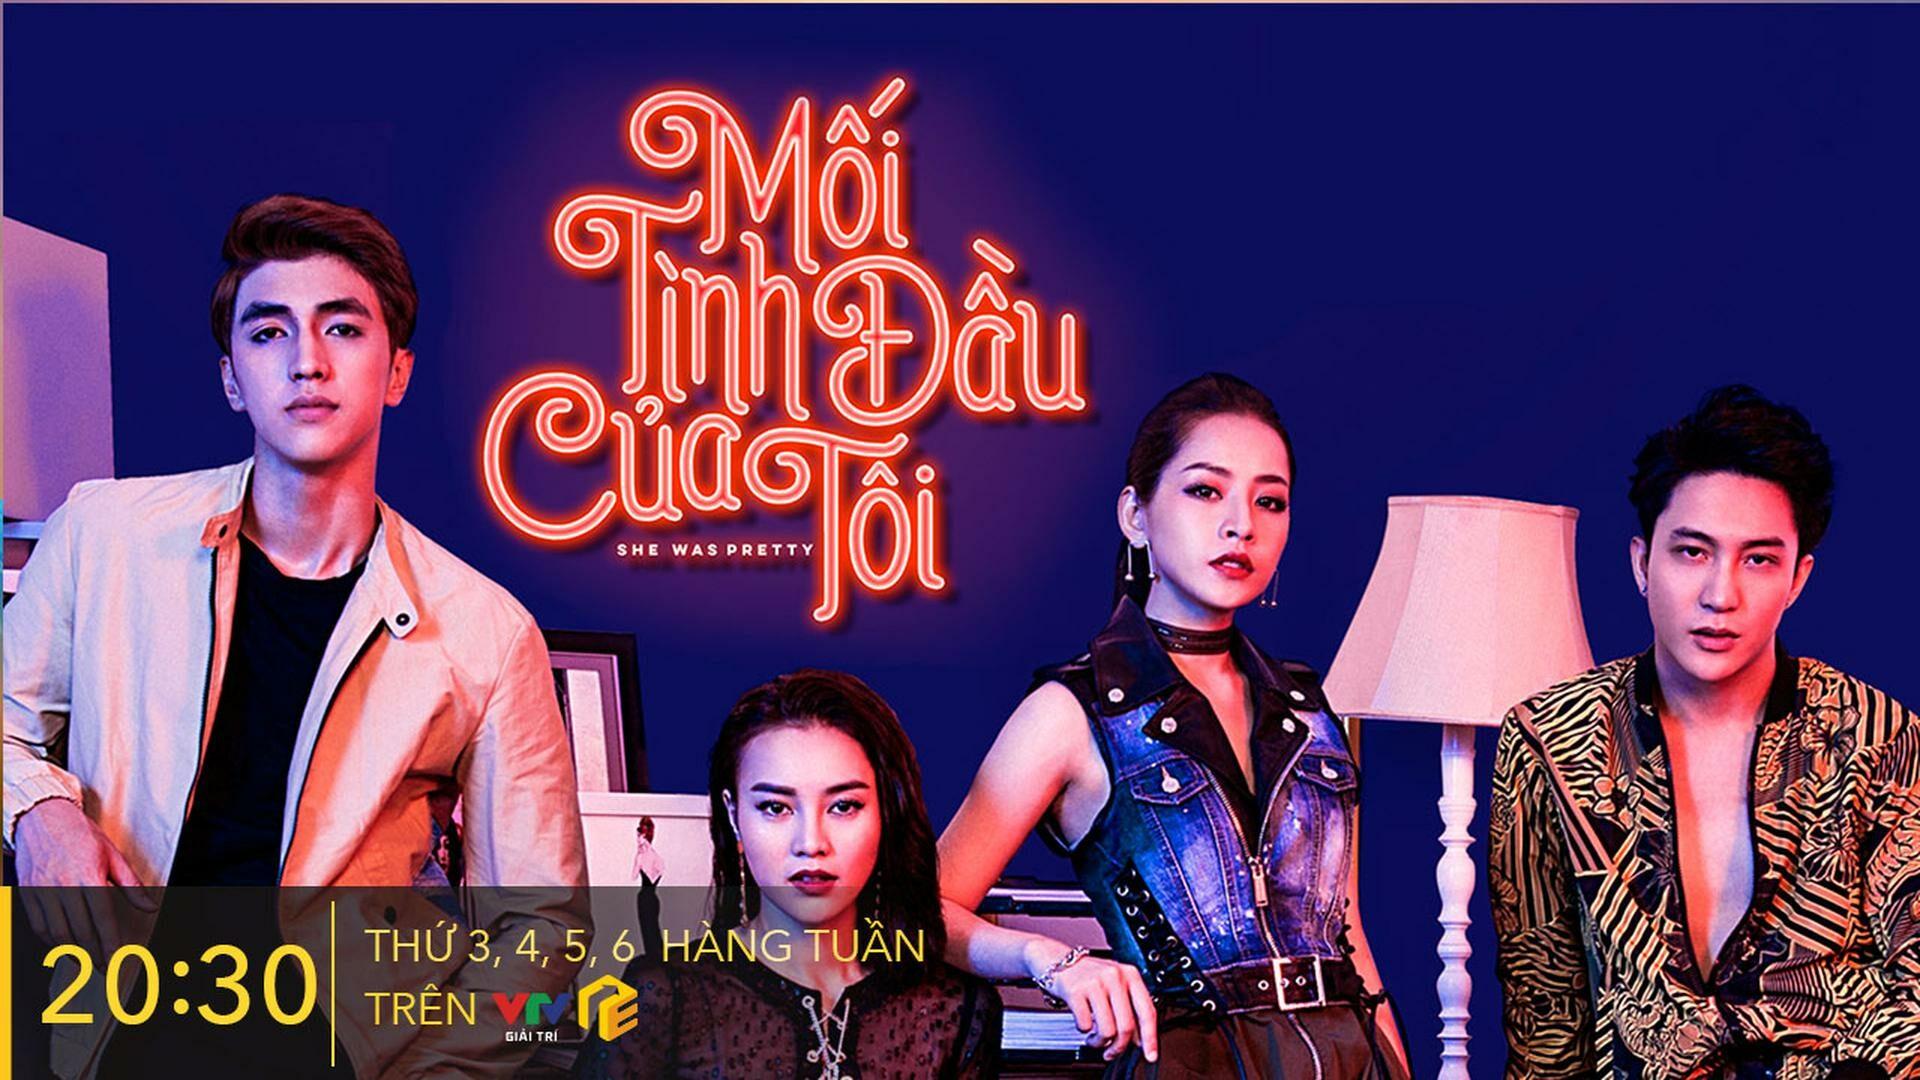 Phim bộ Việt Nam với tình bạn tri kỷ